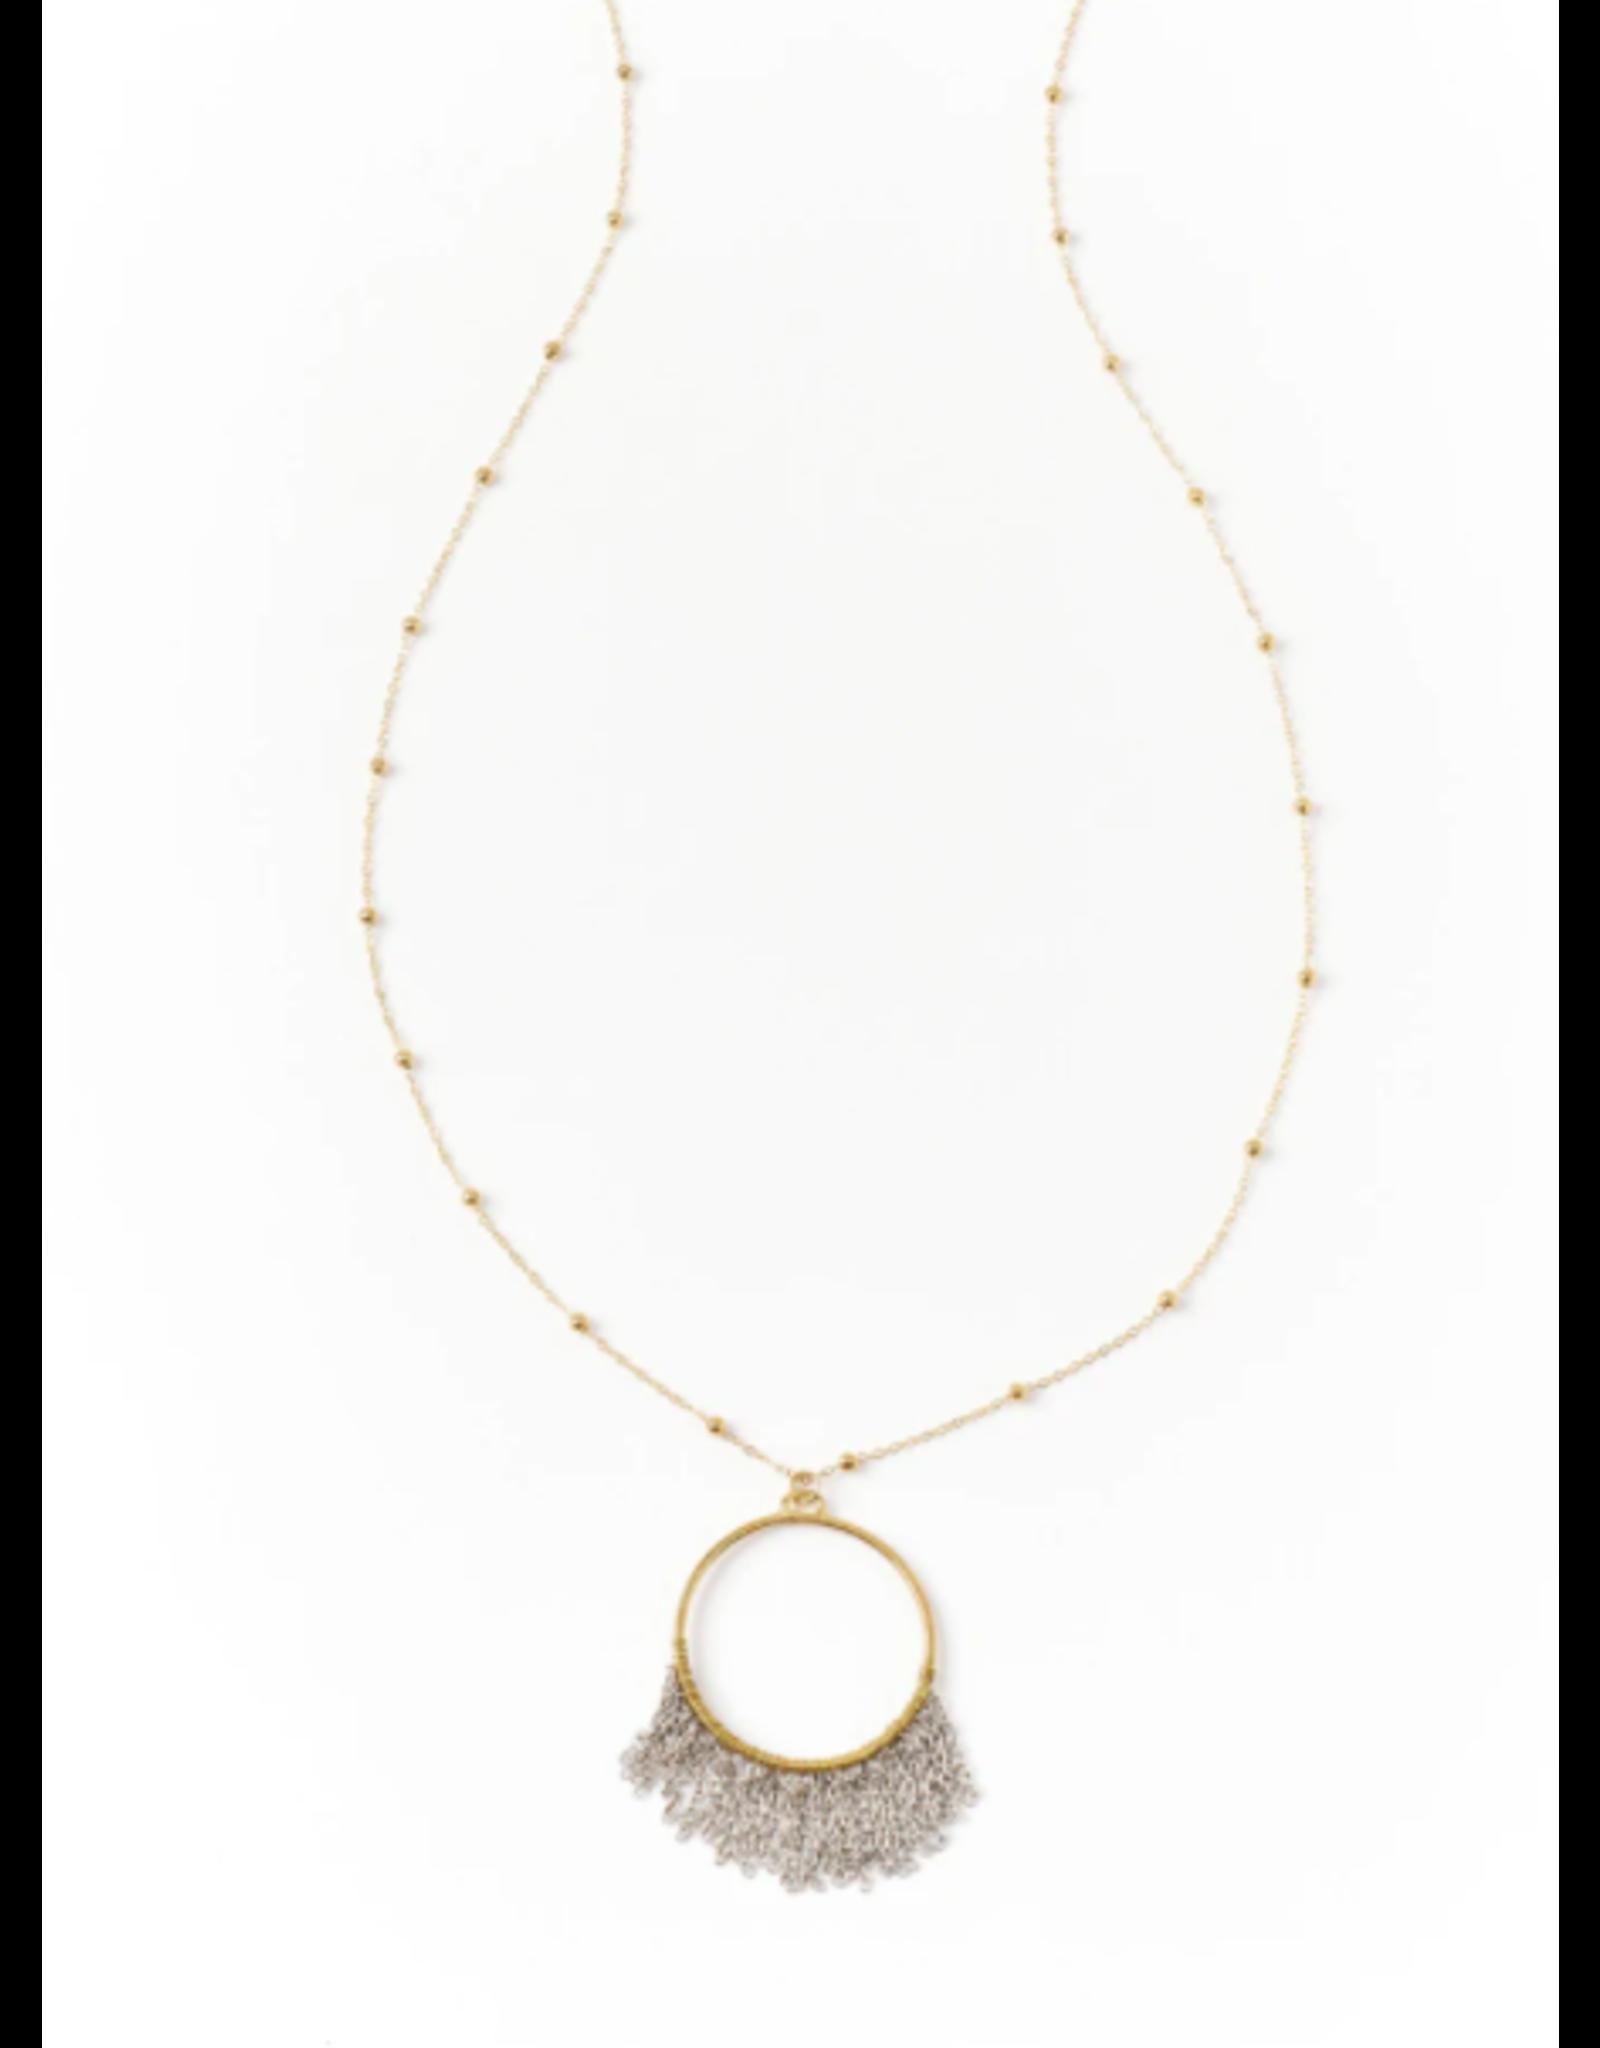 Bhavani Necklace - Fringe Pendant, India